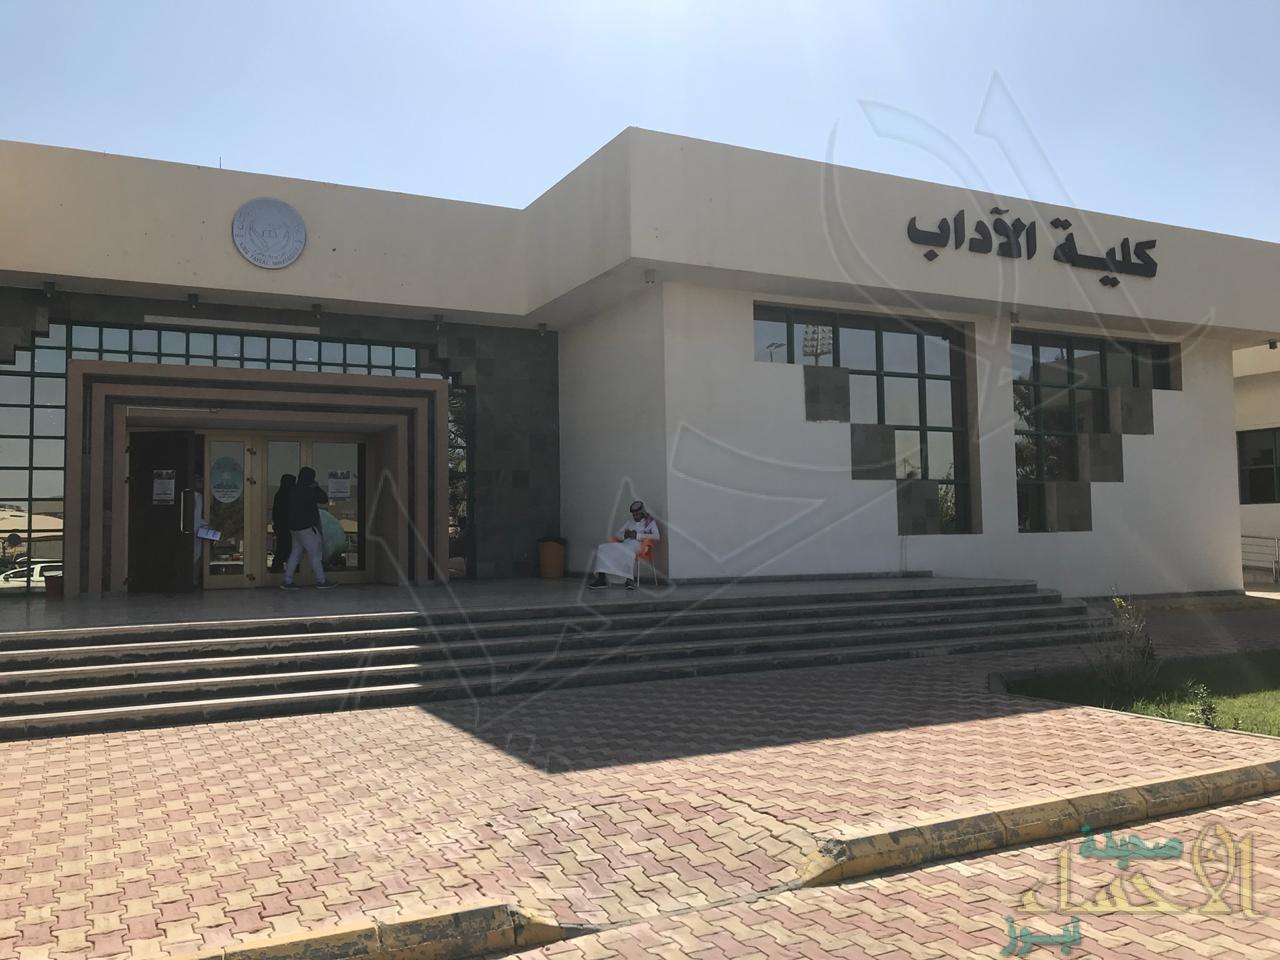 بالصور ضيوف الرحمن في قلب سلمان ندوة عالمية في كلية الآداب بـ جامعة الملك فيصل صحيفة الأحساء نيوز